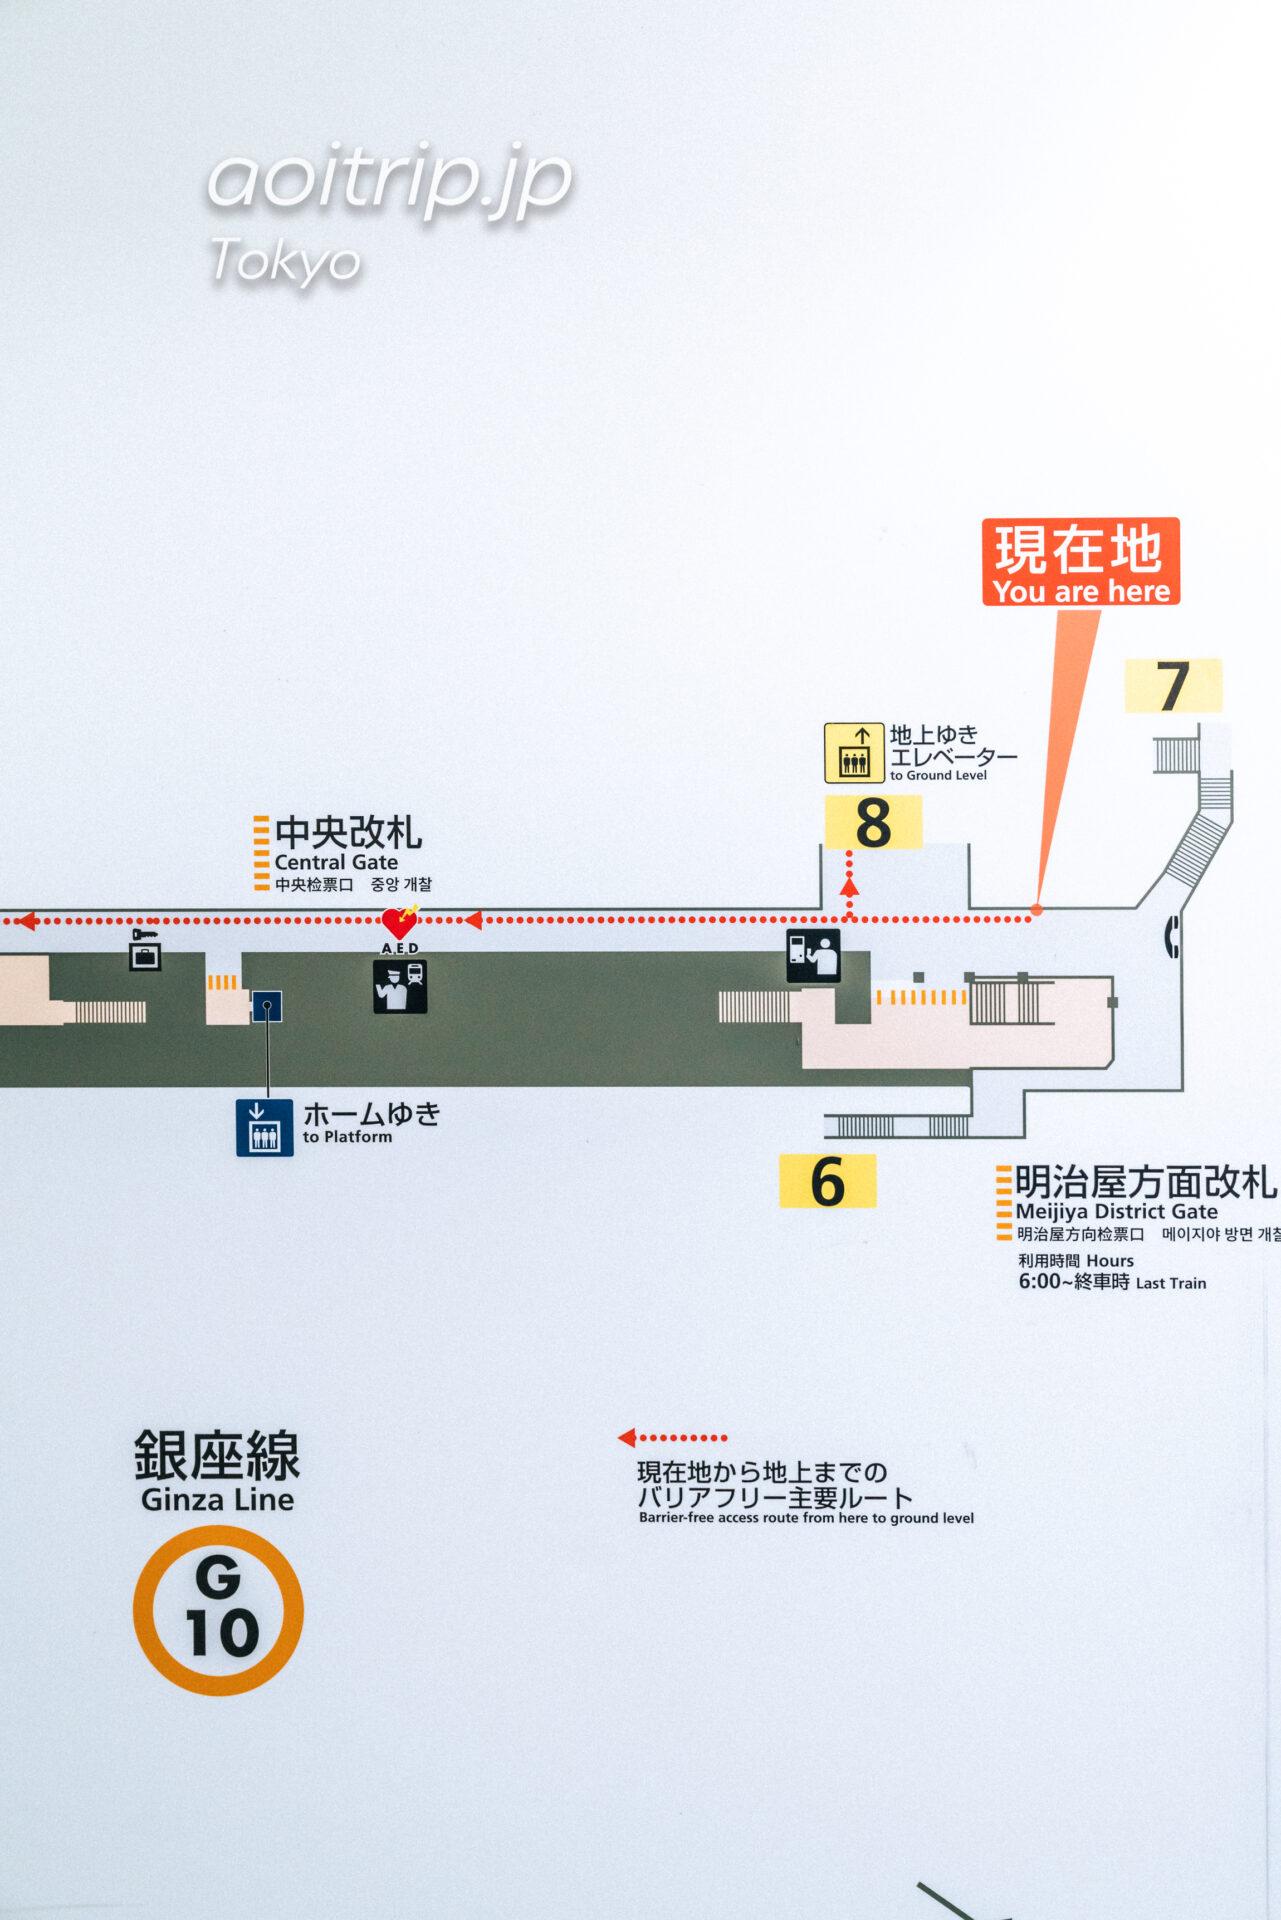 コートヤード バイ マリオット東京ステーションの場所・行き方・アクセス